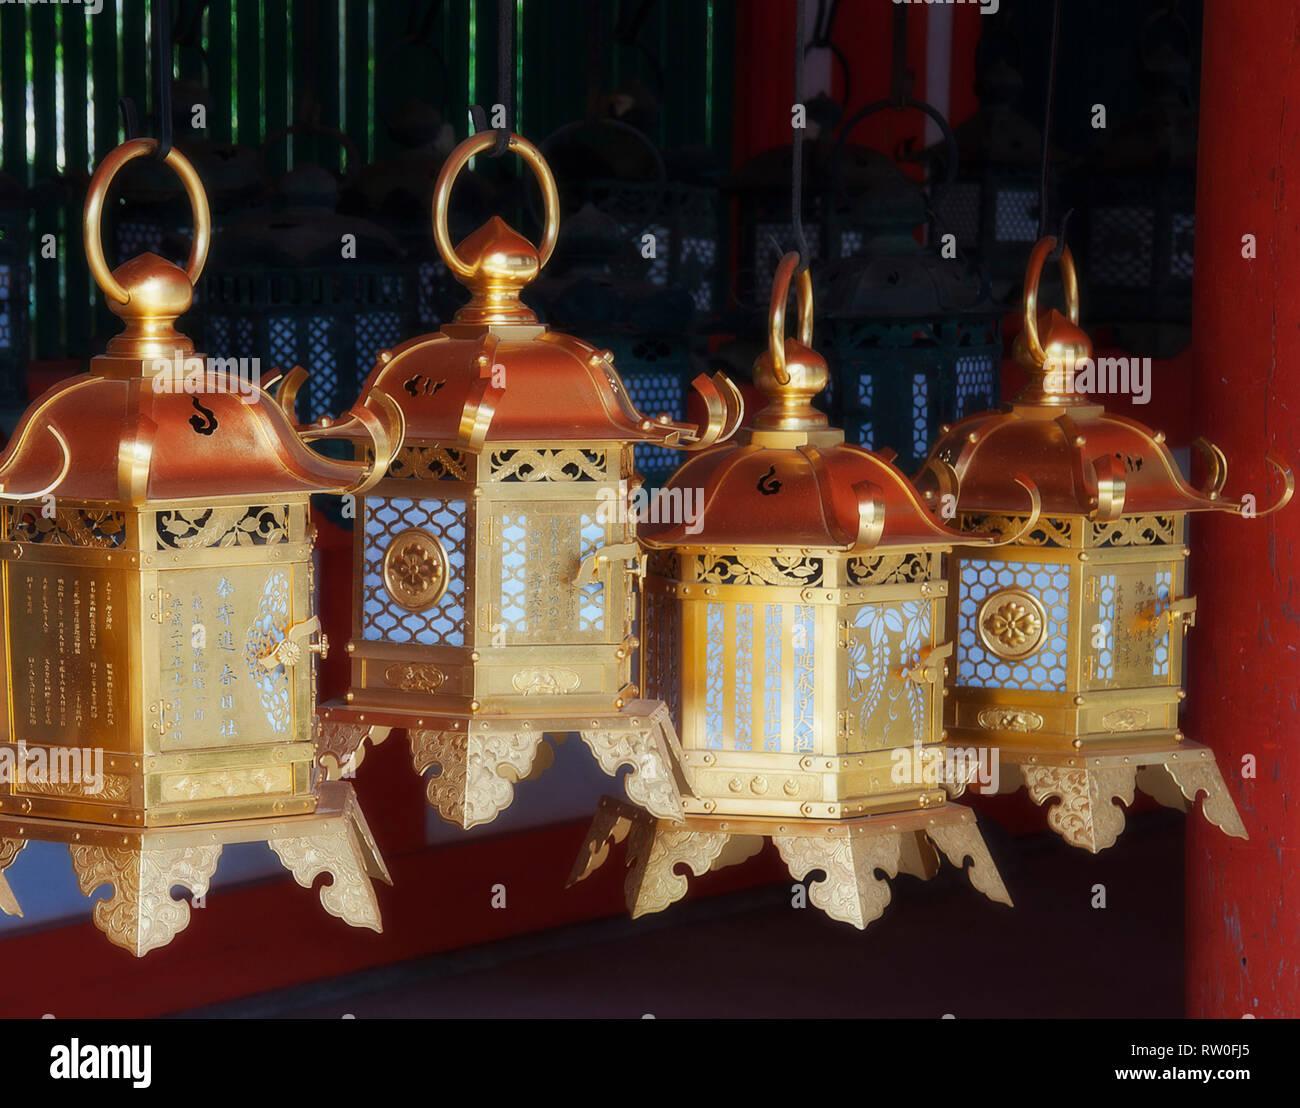 Japanese lanterns in Nara, Japan. Stock Photo